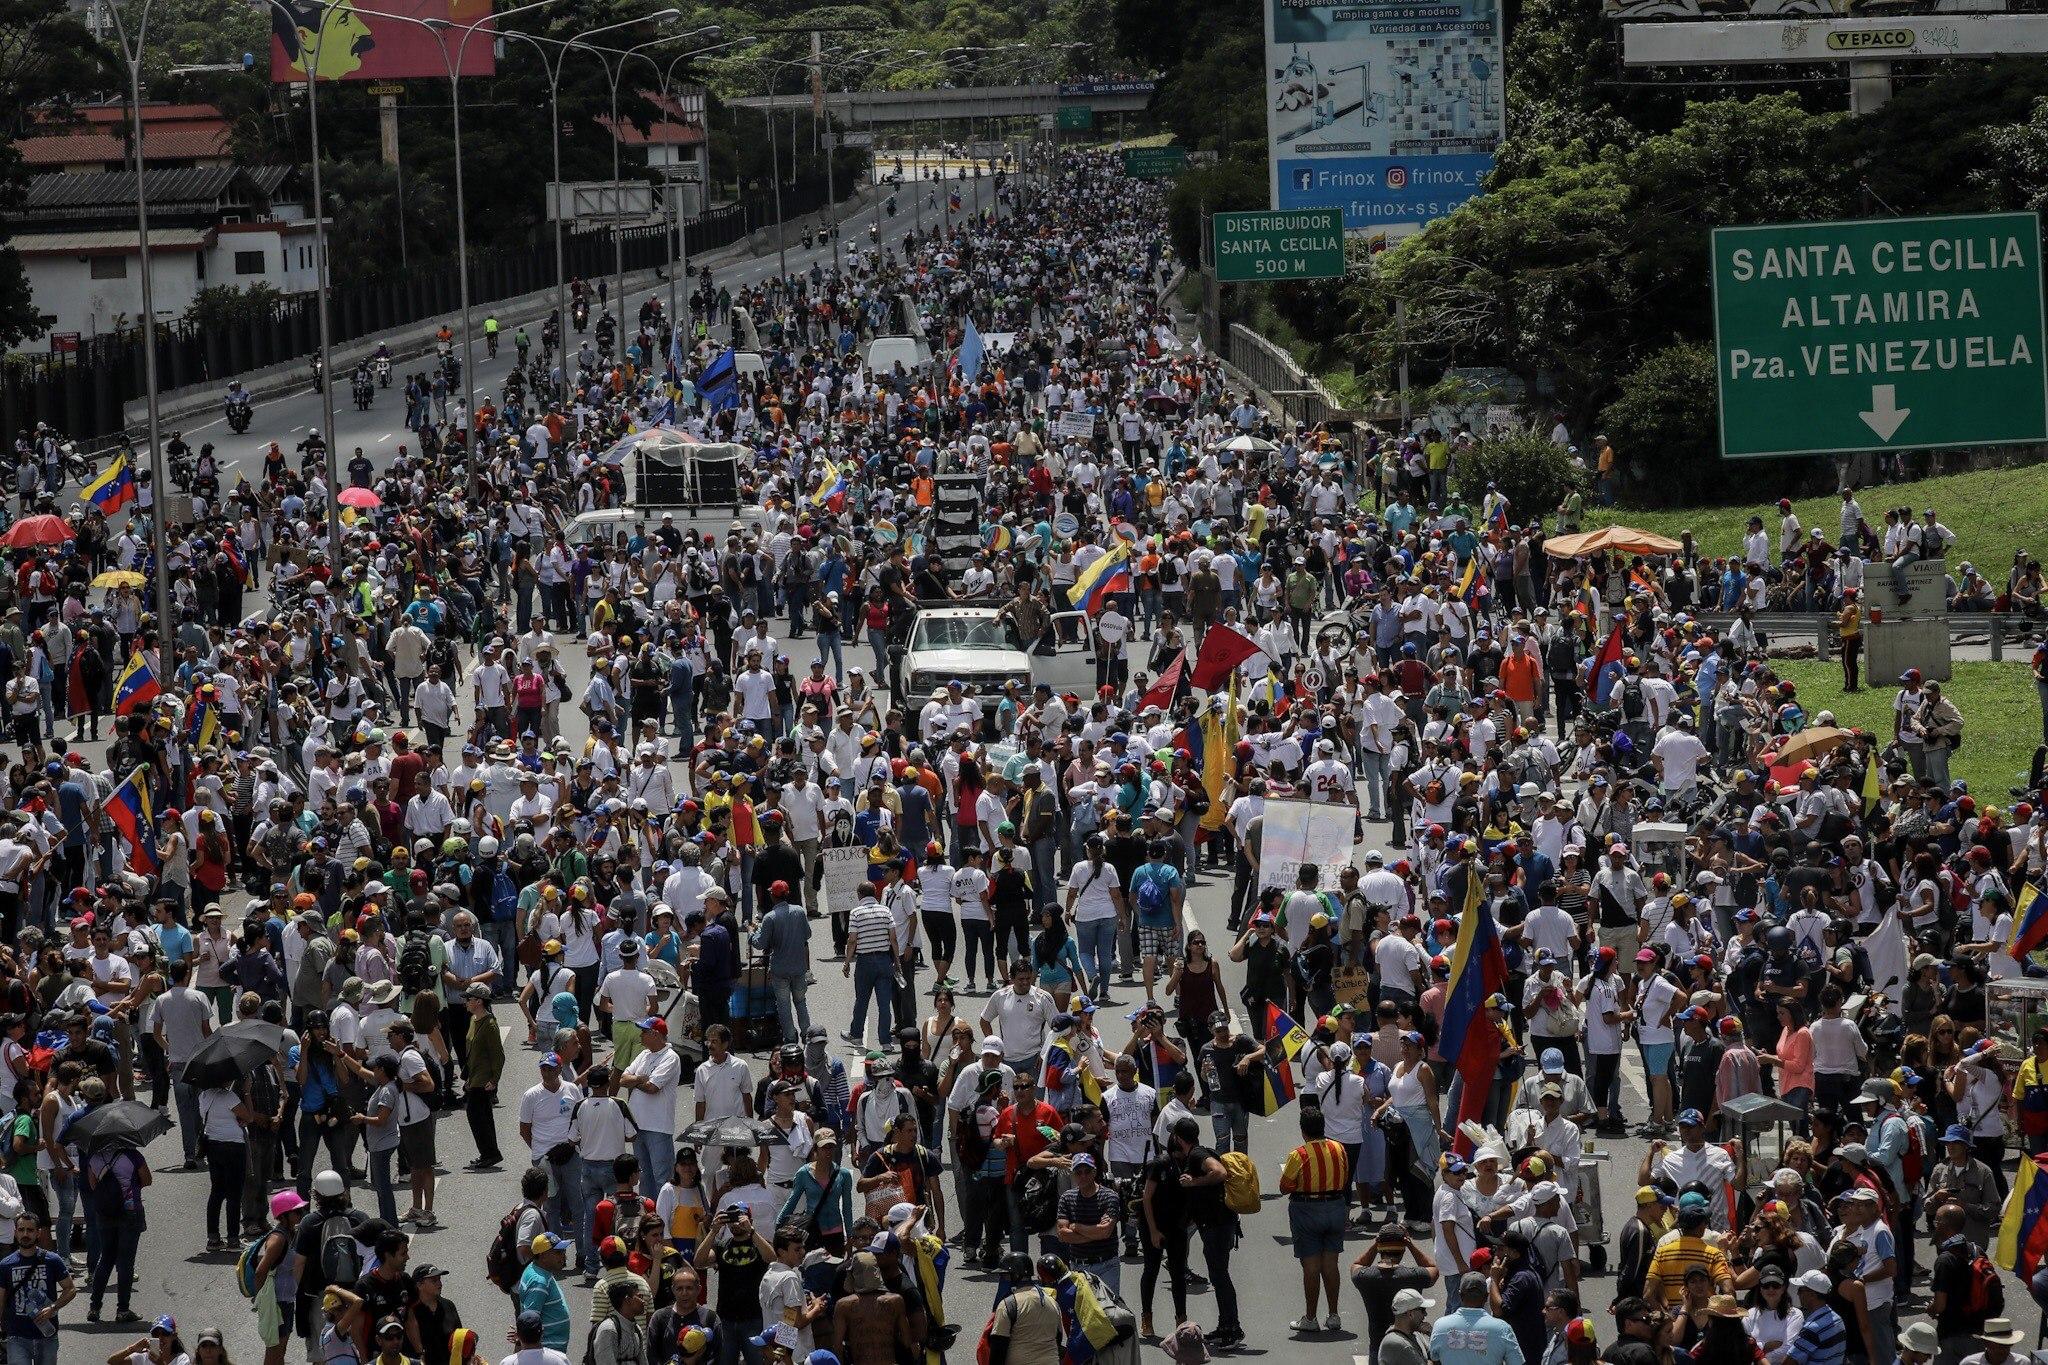 Ni diálogo, ni elecciones... esto es lo que quieren los venezolanos después del #23Ene, según revela encuestadora Meganálisis